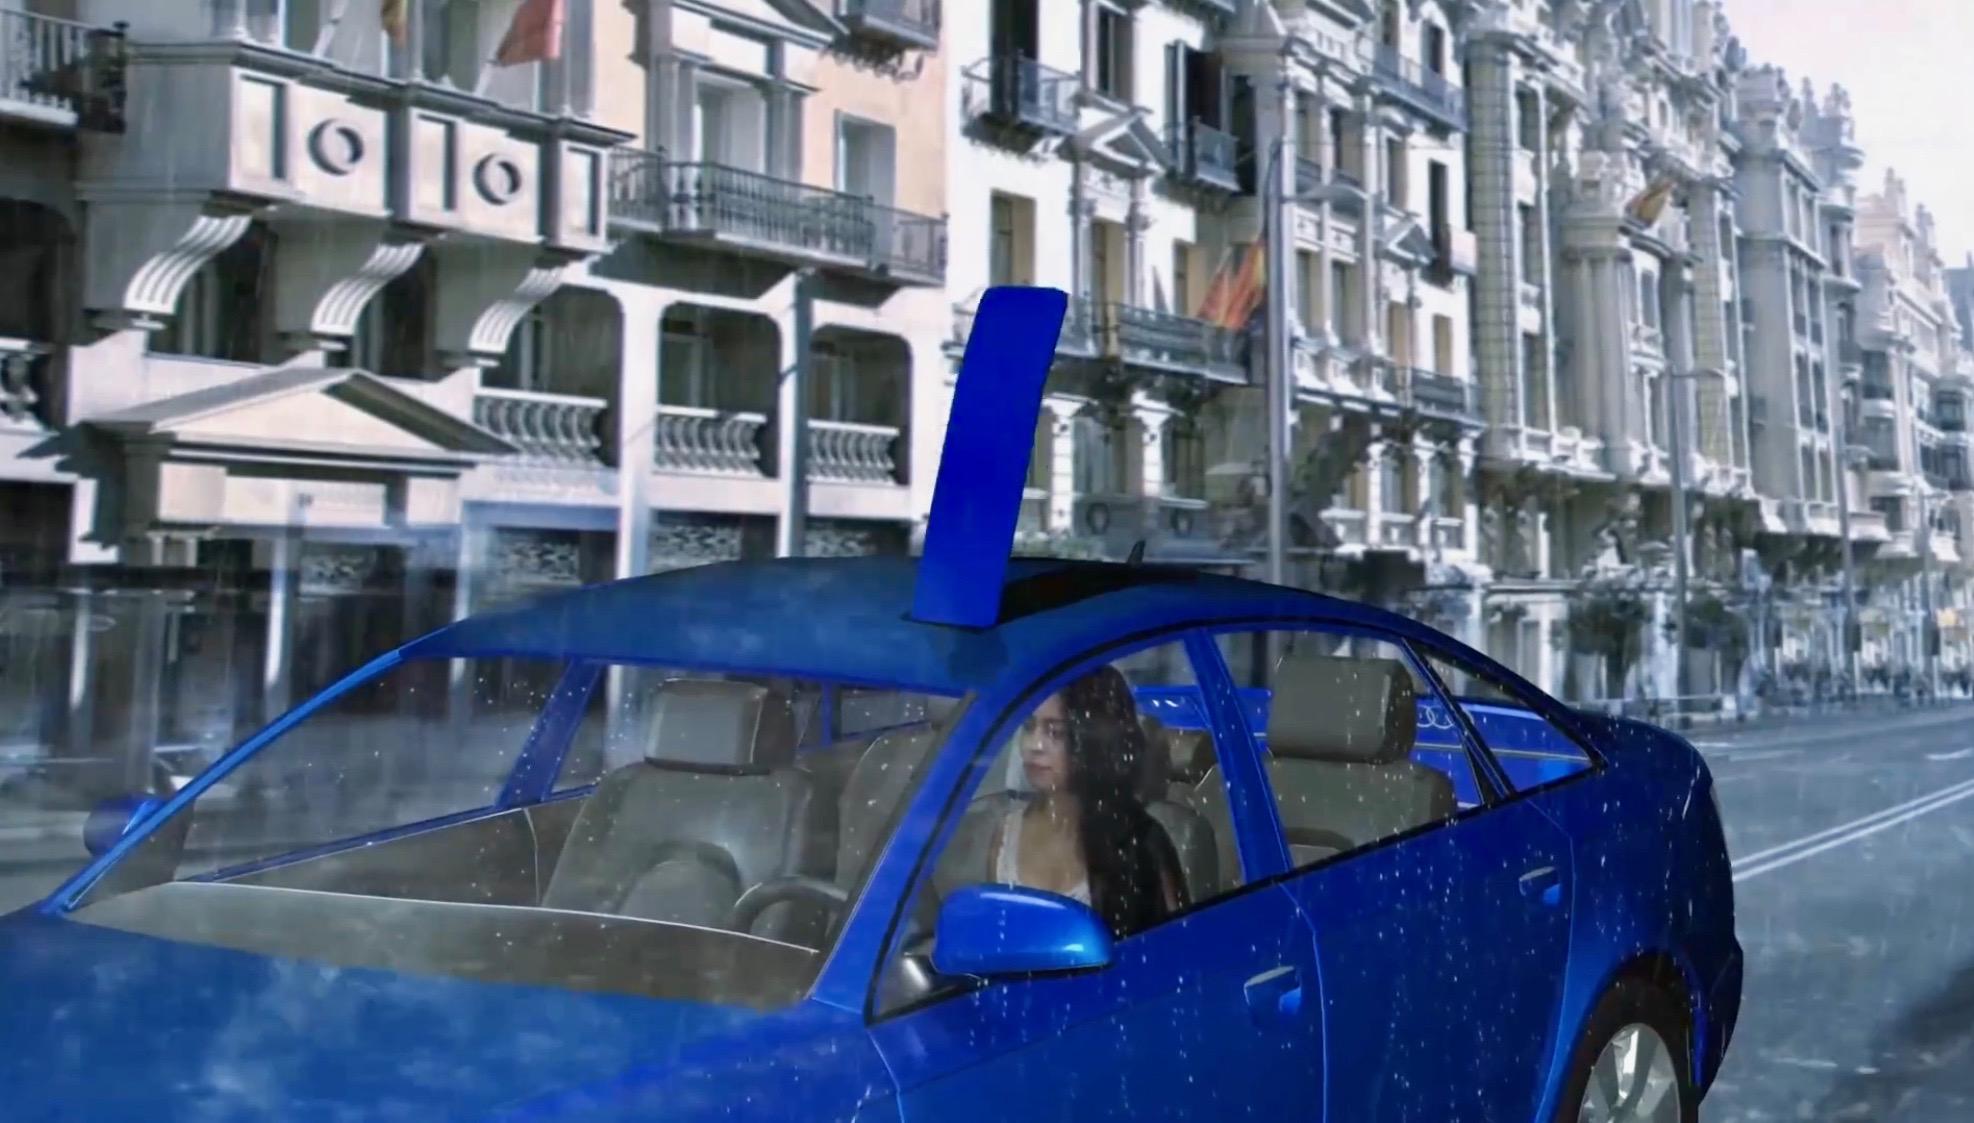 moBrella - Built-In Umbrella Car Solution